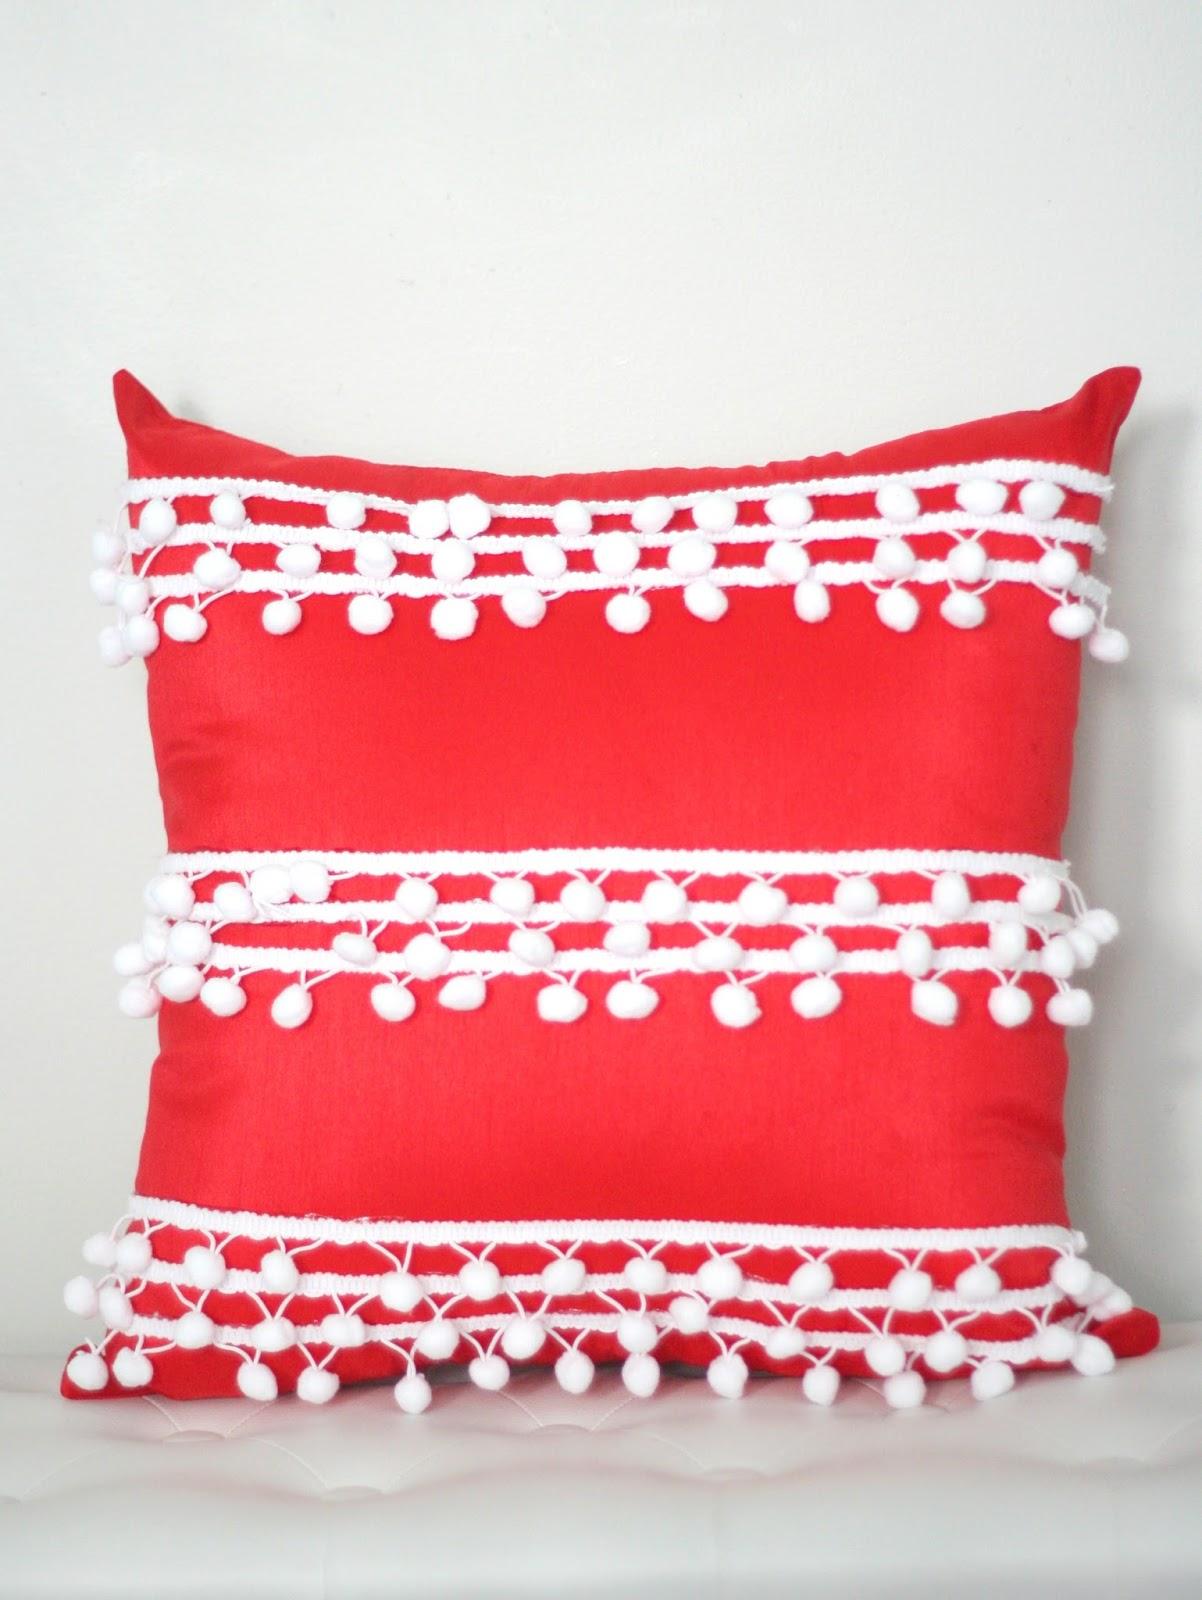 Diy No Sew Pom Pom Pillow The Pretty Life Girls